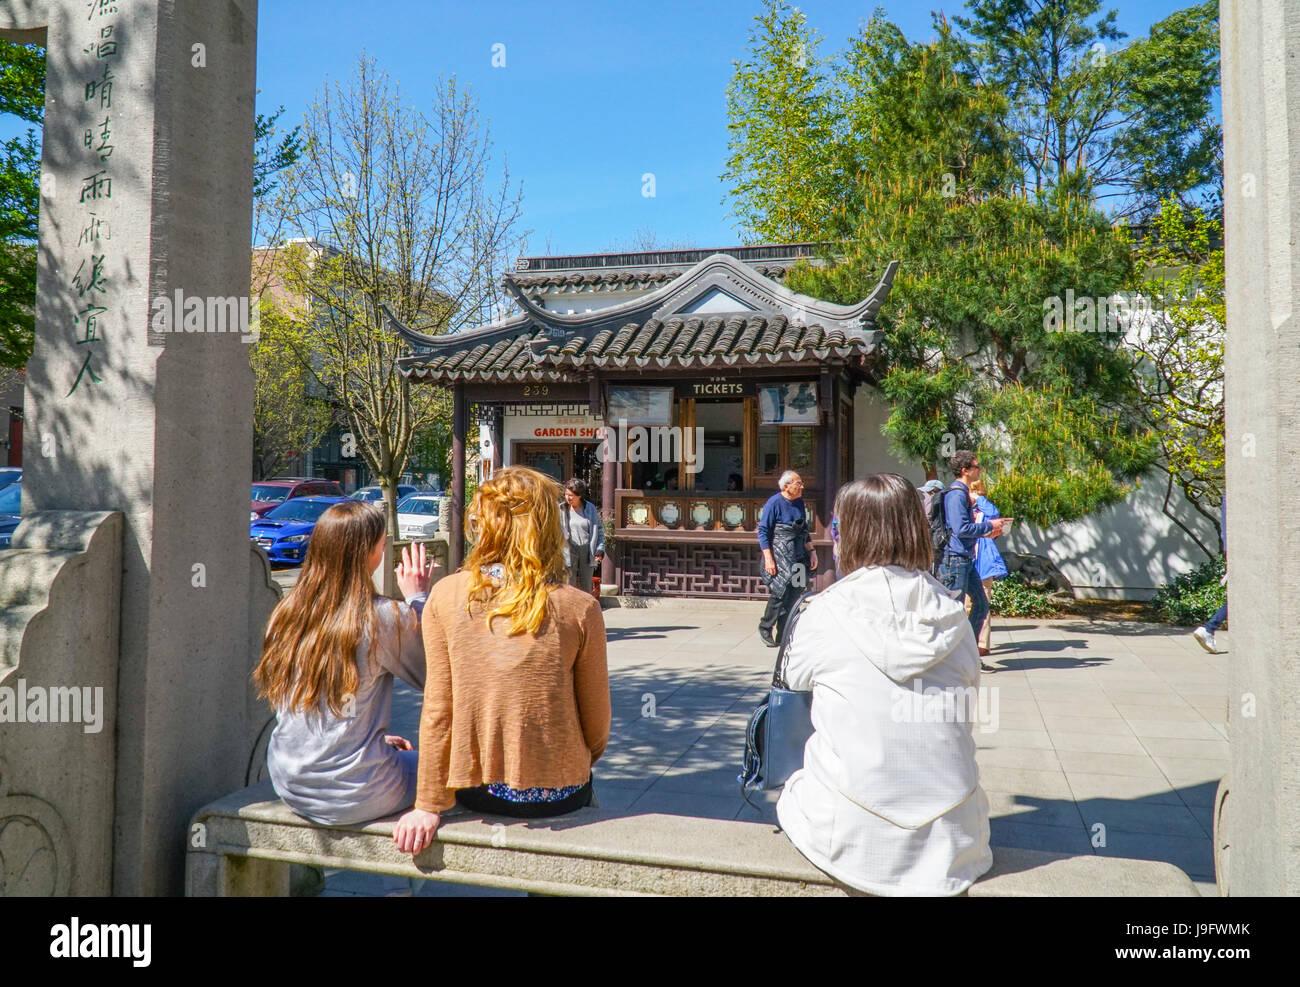 La vente des billets au kiosque de jardin chinois à Portland - Portland - OREGON - 16 AVRIL 2017 Banque D'Images